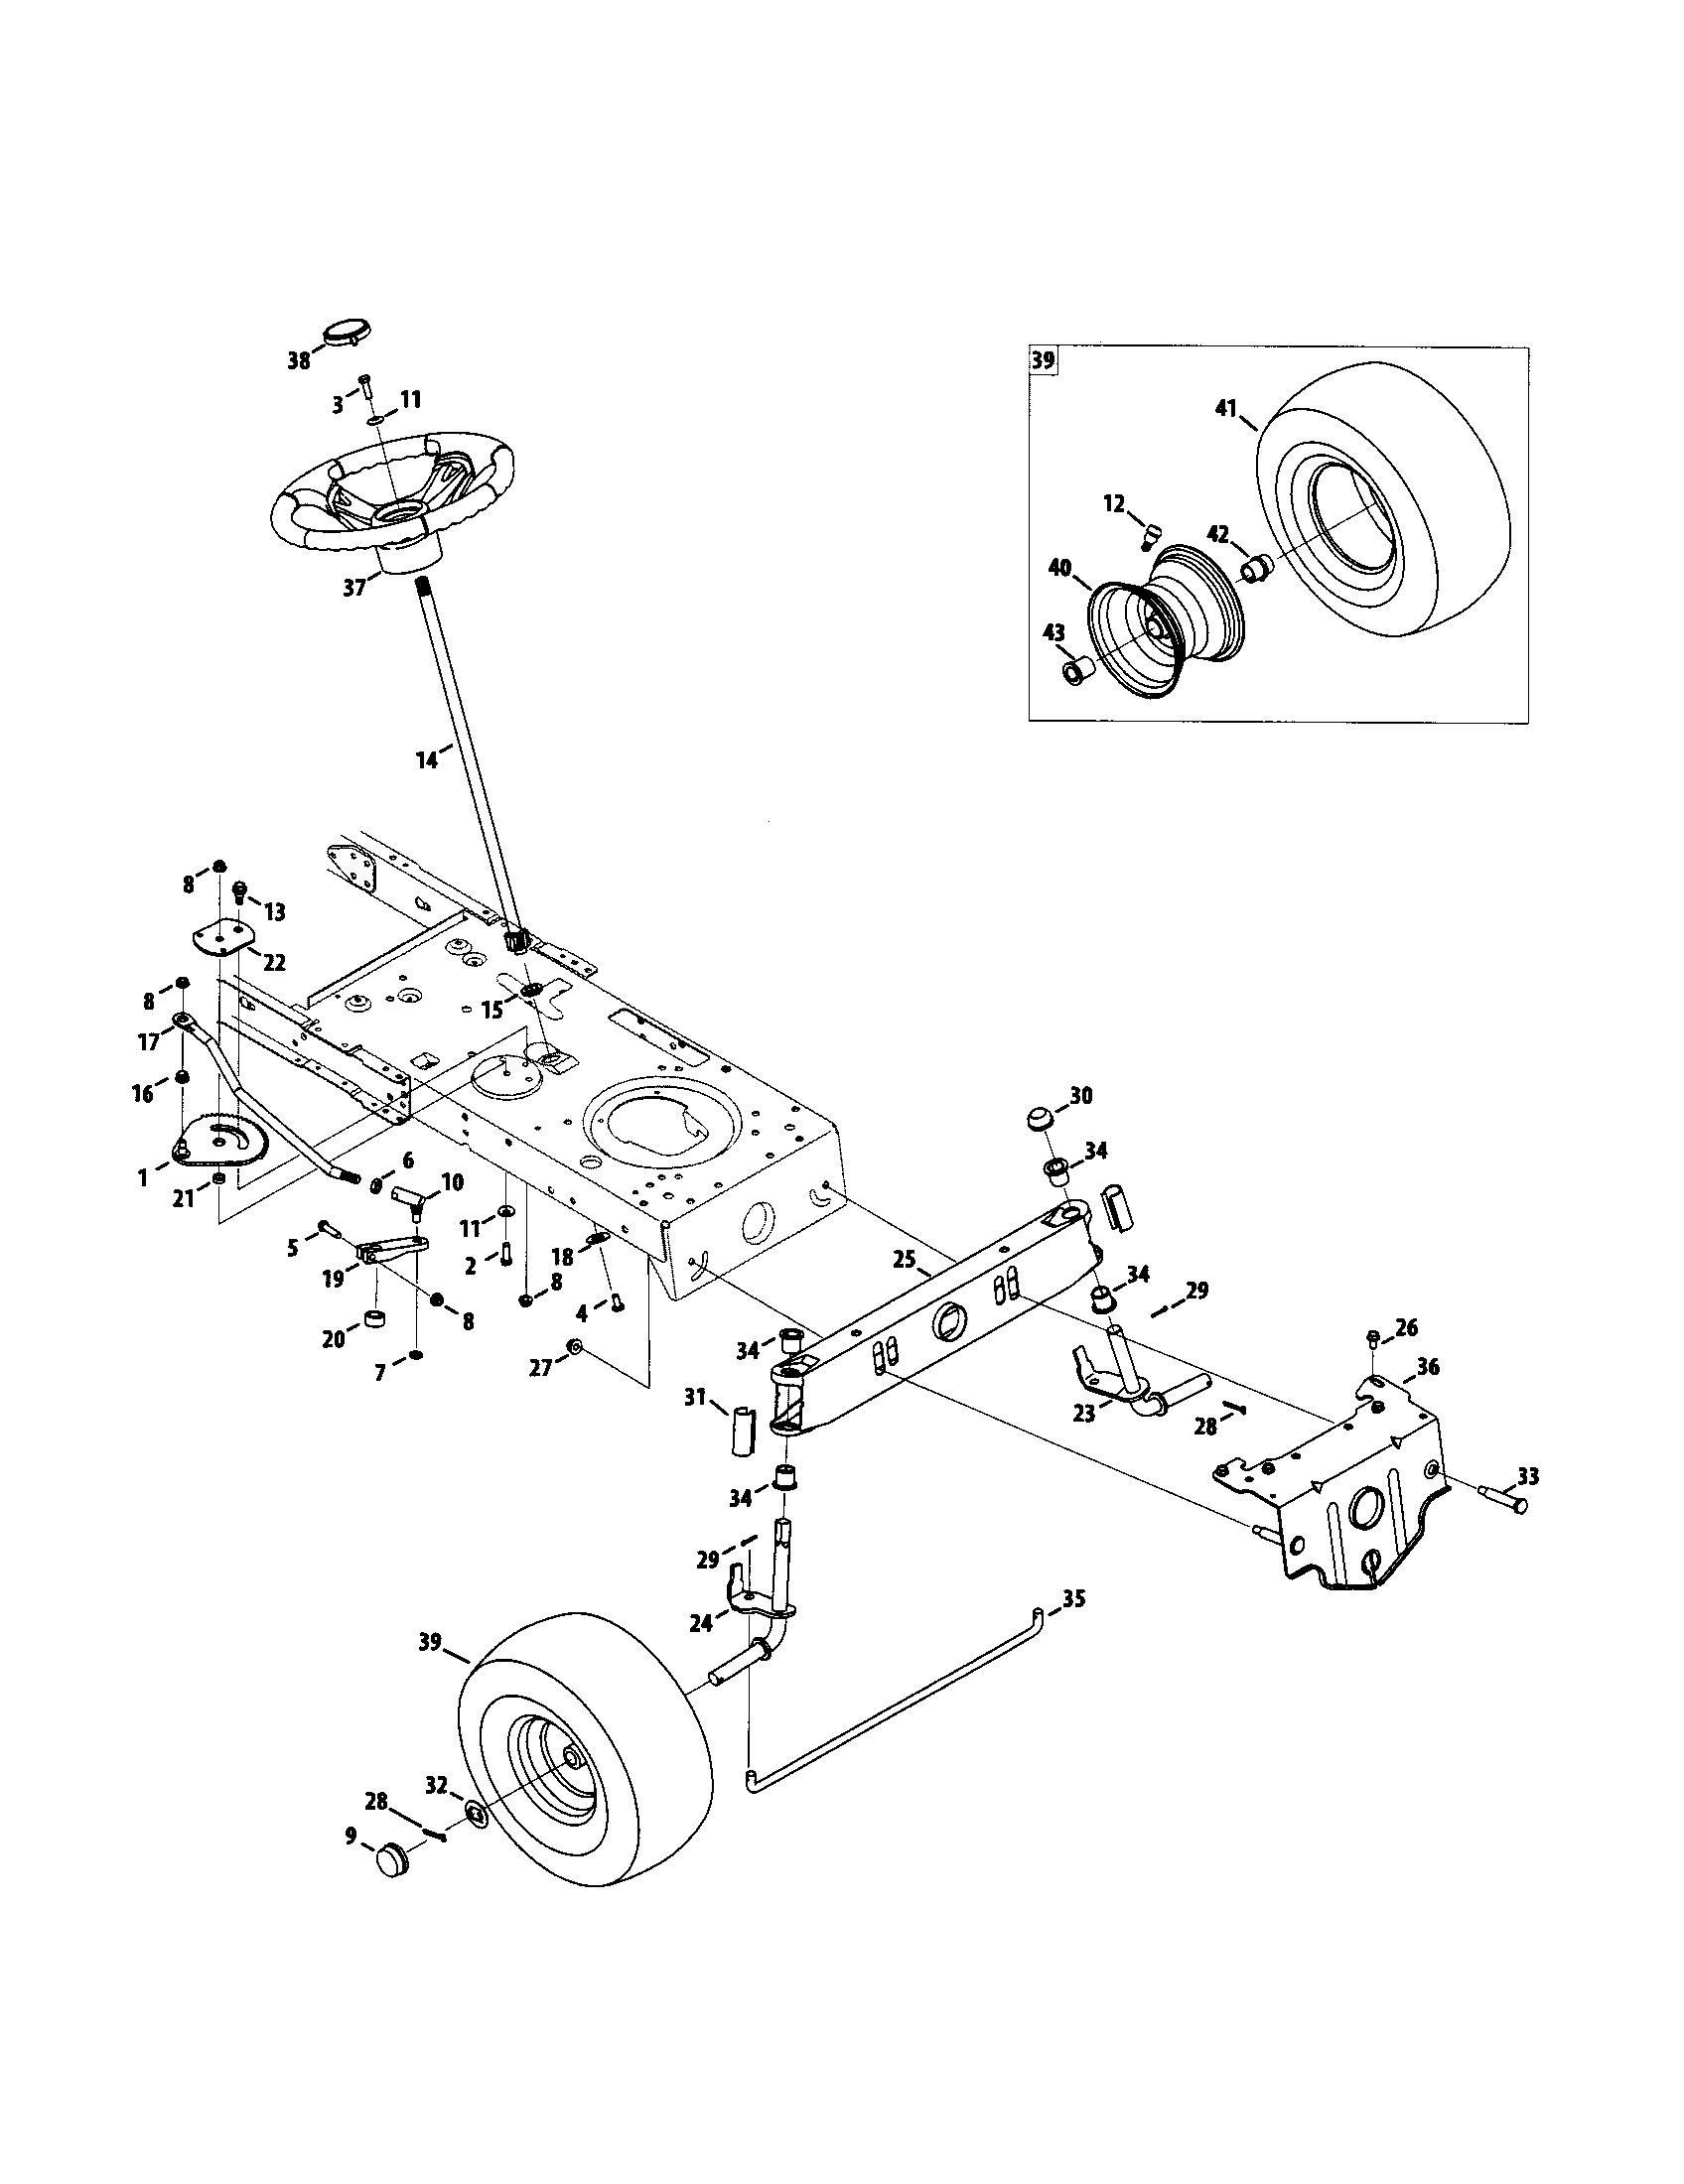 Craftsman model 247289010 lawn, tractor genuine parts